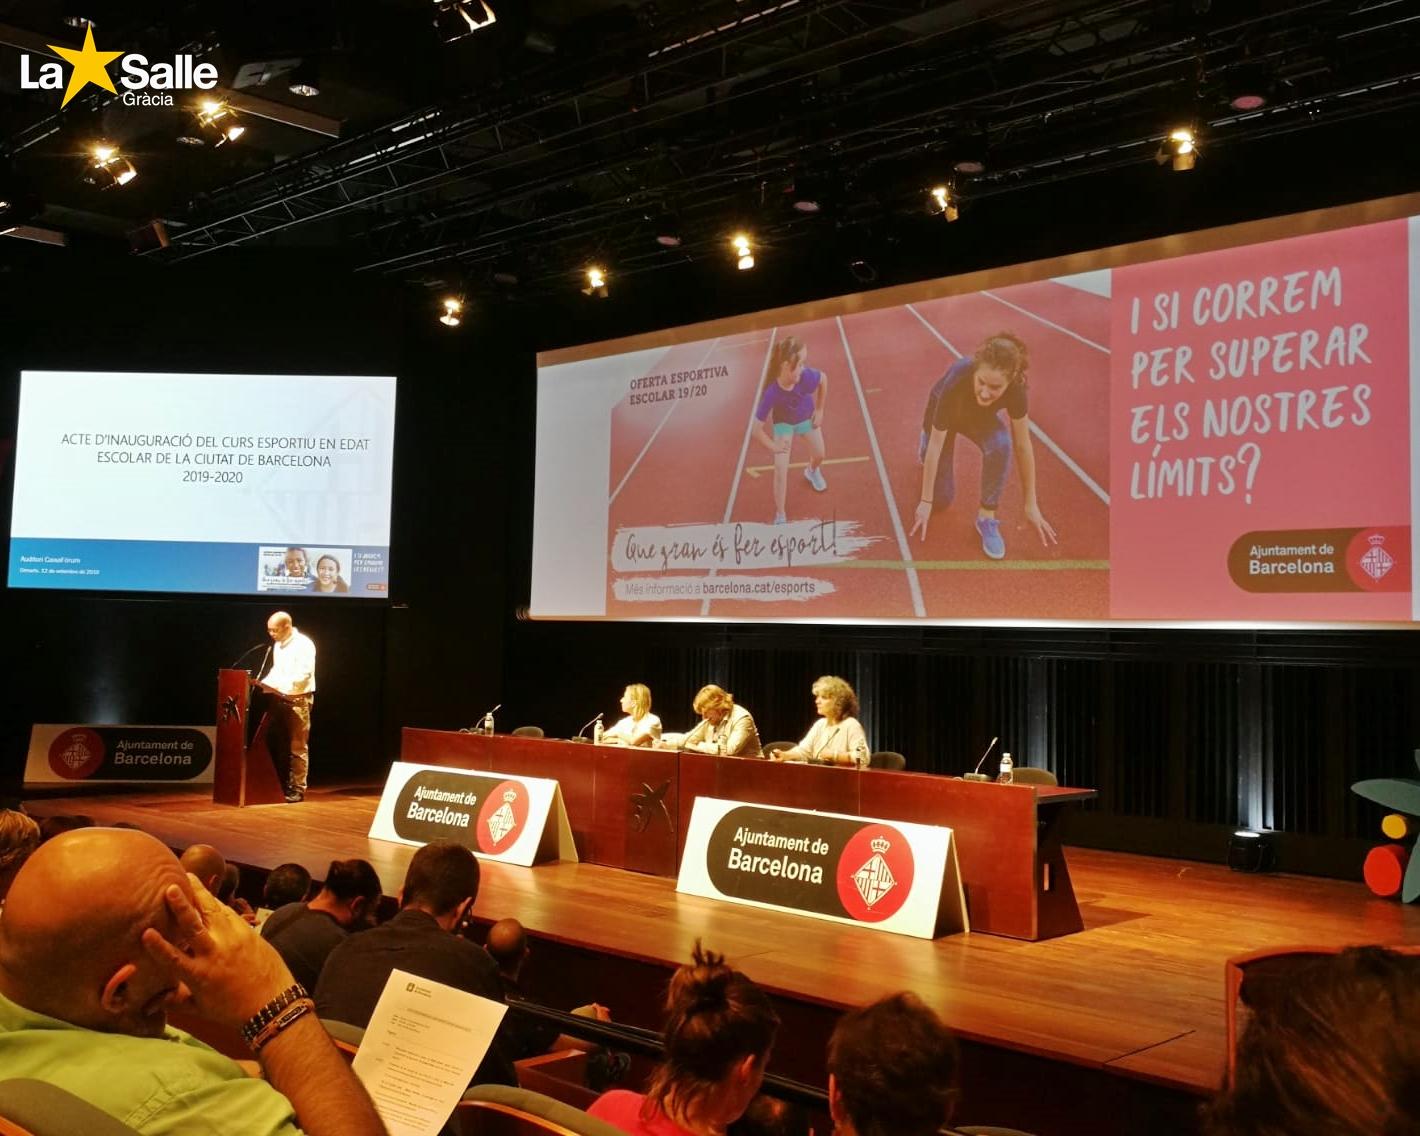 El Club Esportiu de La Salle Gràcia renova la seva acreditació com a entitat esportiva homologada